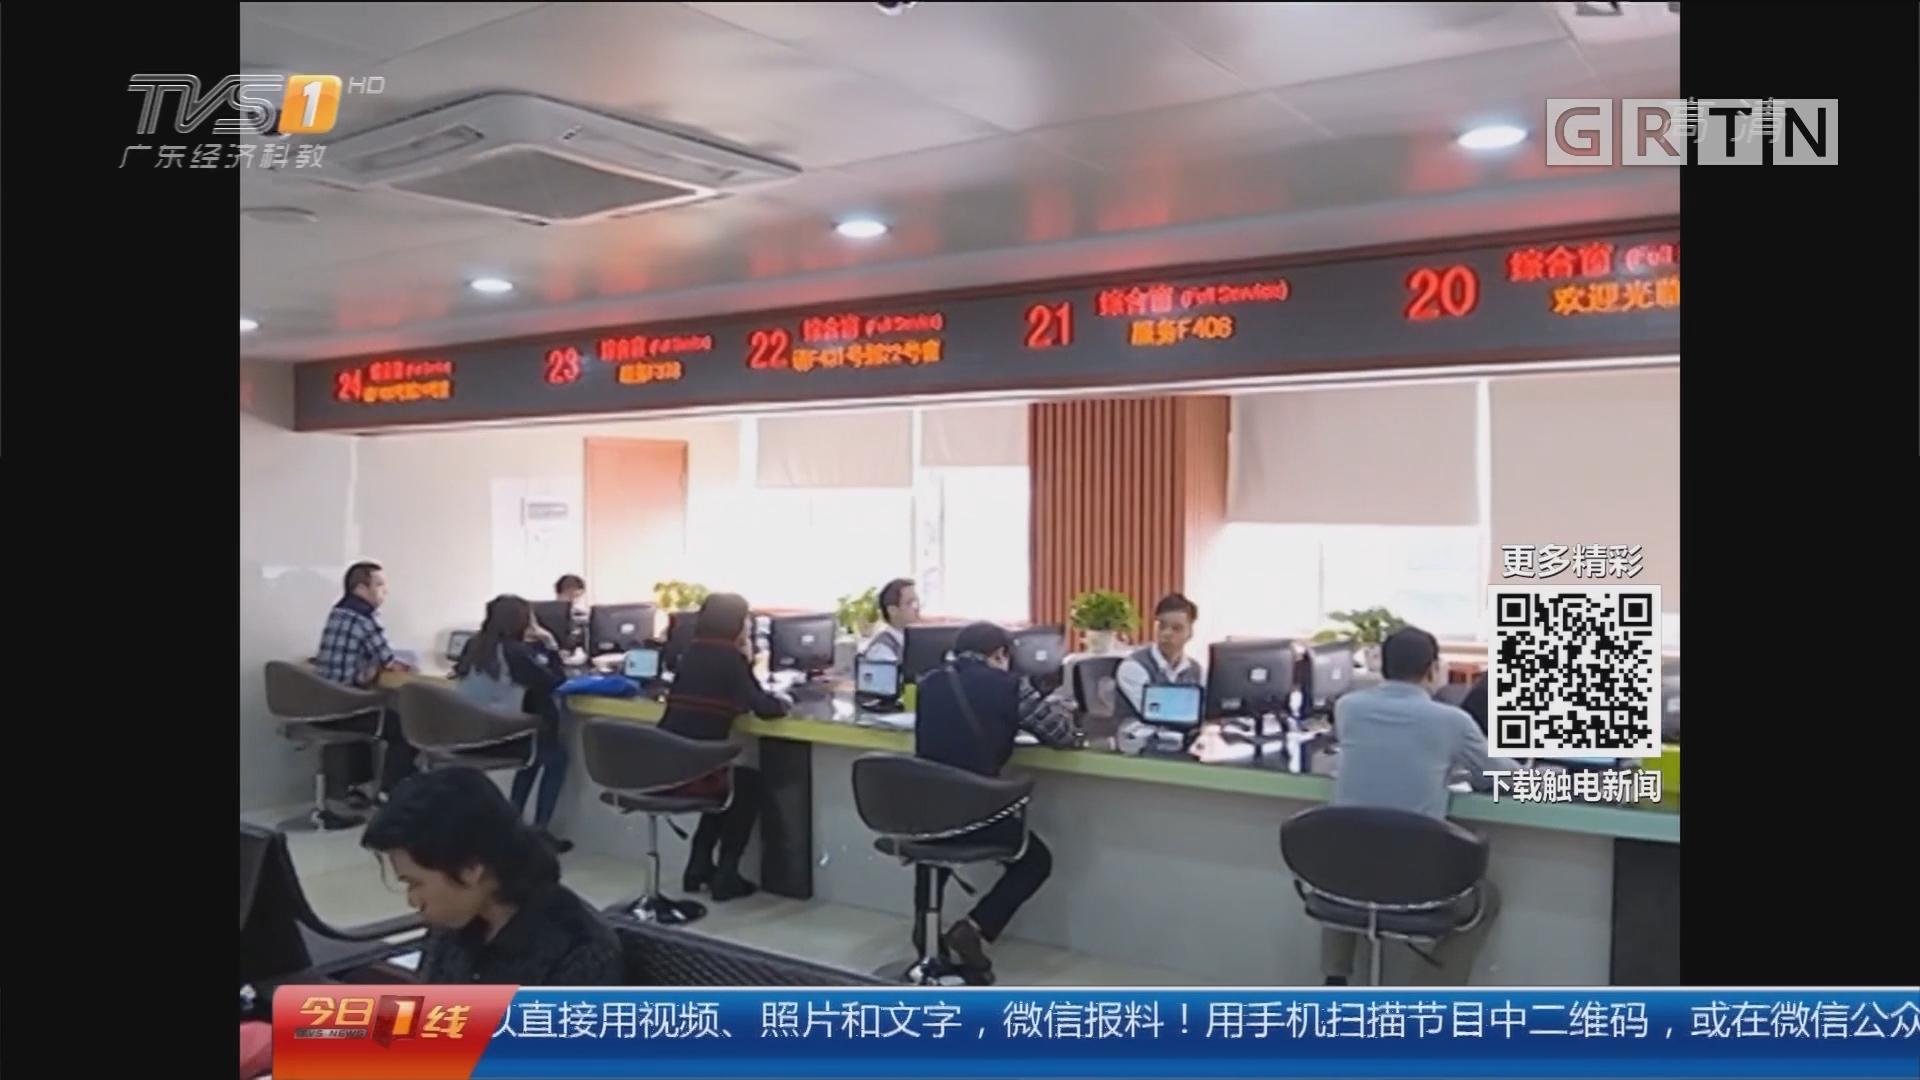 聚焦2018广东两会:放开养老服务市场 跨部门全流程审批